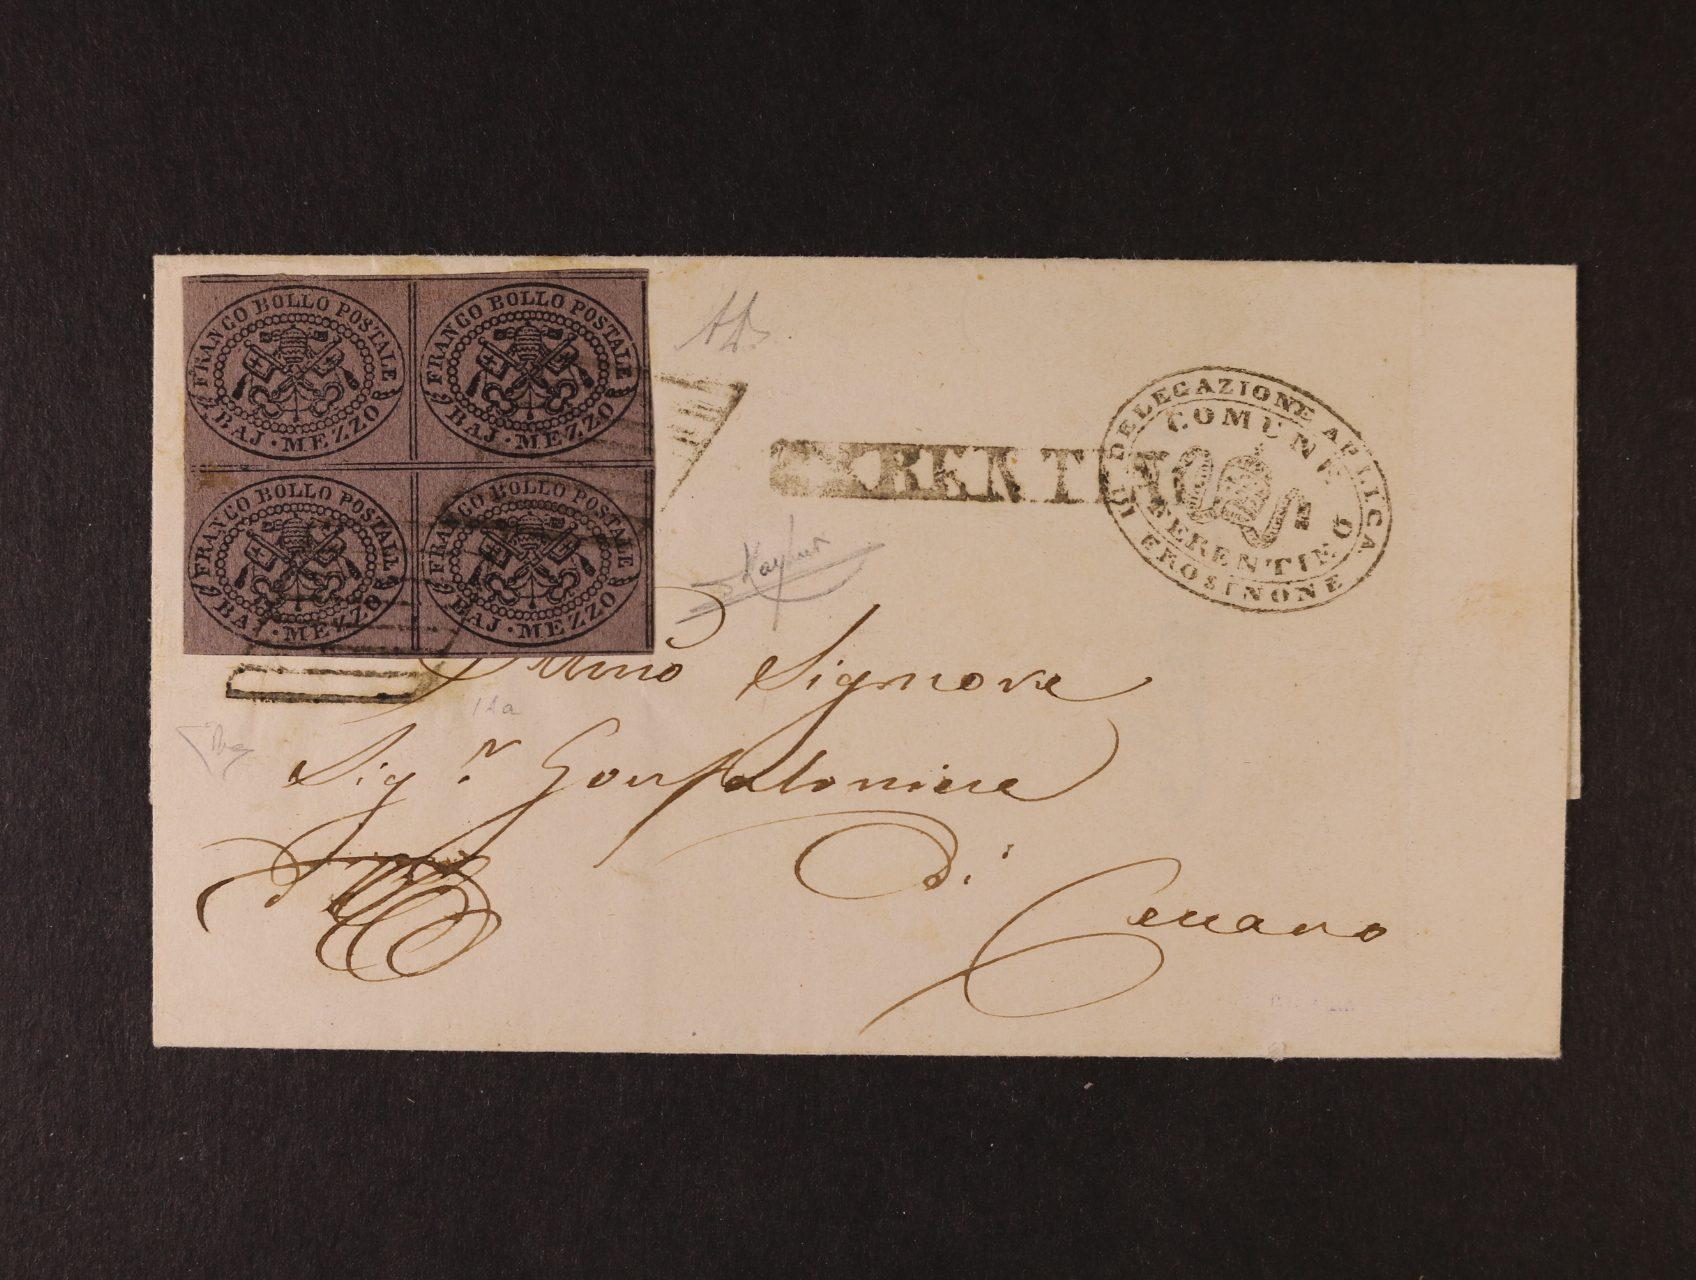 Církevní stát - skl. dopis z r. 1864 frank. zn. Sassone č. 1 Aa ve čtyřbloku, pod. němé raz. a řádkové raz. FERENTINO, dopis byl odeslán 30.4.1864 do Ceccano, zk. třemi znalci, atest Enzo Diena, kat. Sassone 29500 EUR, jedná se o raritní frankaturu, v této kvalitě vyjímečné